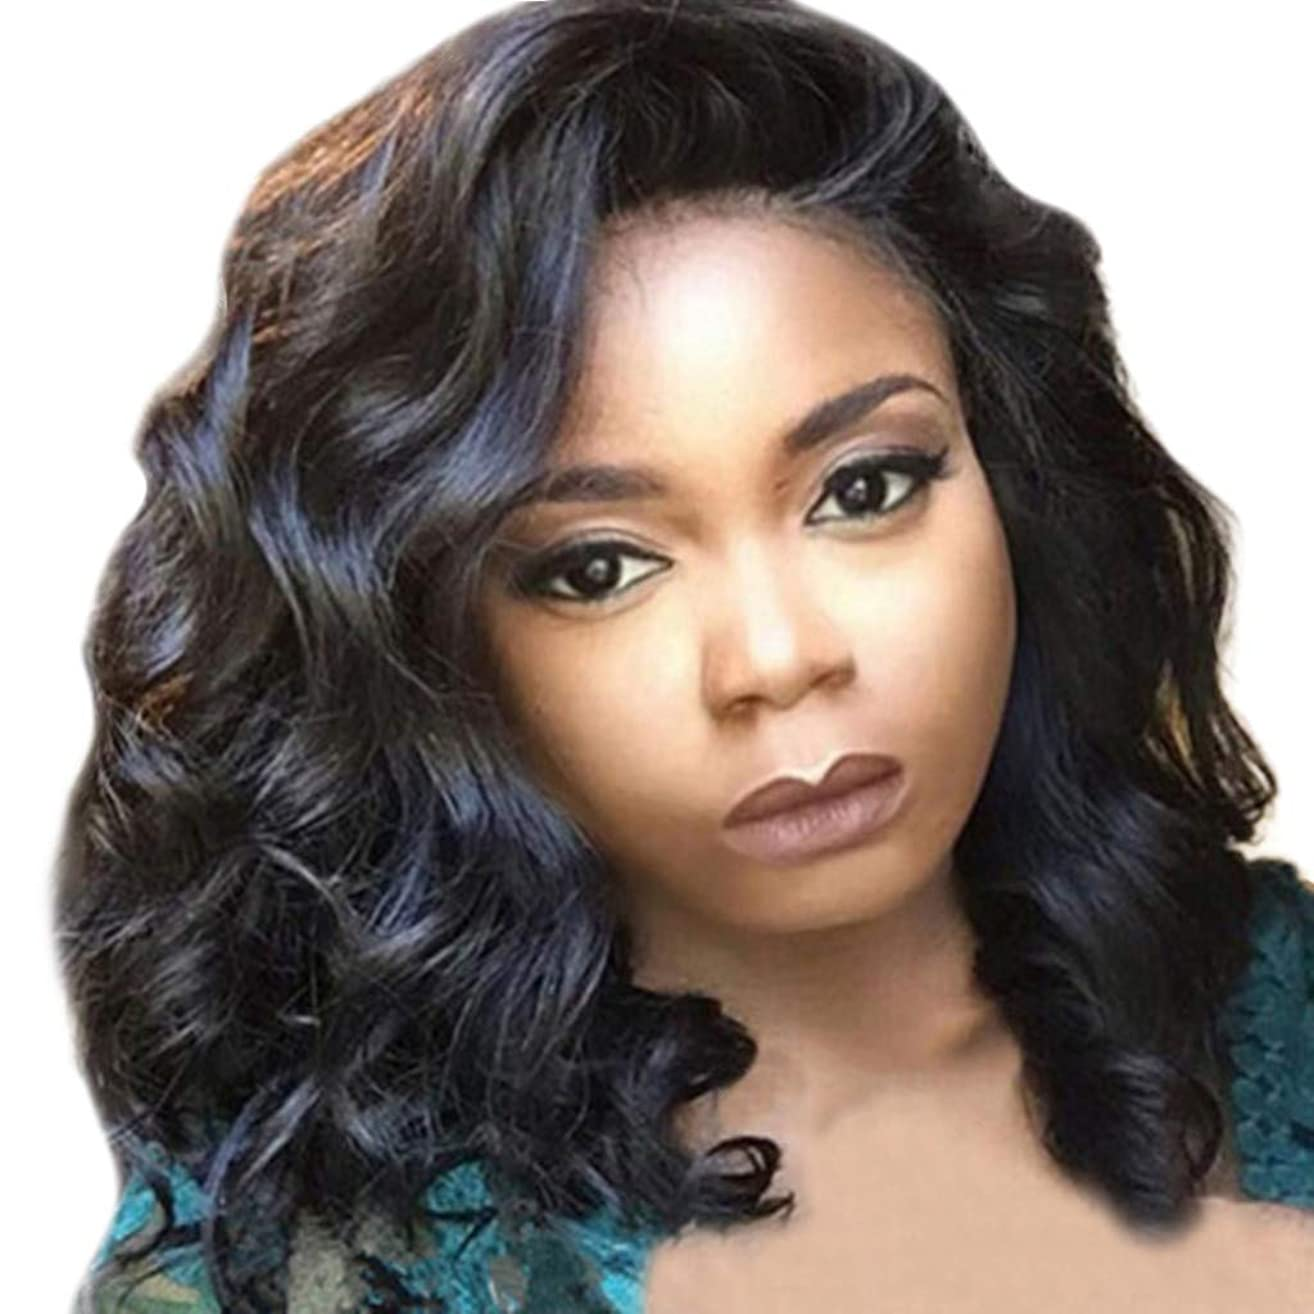 Women Long Wavy Curly Wig Fudule Synthetic Fiber Hair Heat Resistant Human Hair for Black Women Brazilian Full Wigs on Sale (Black C)